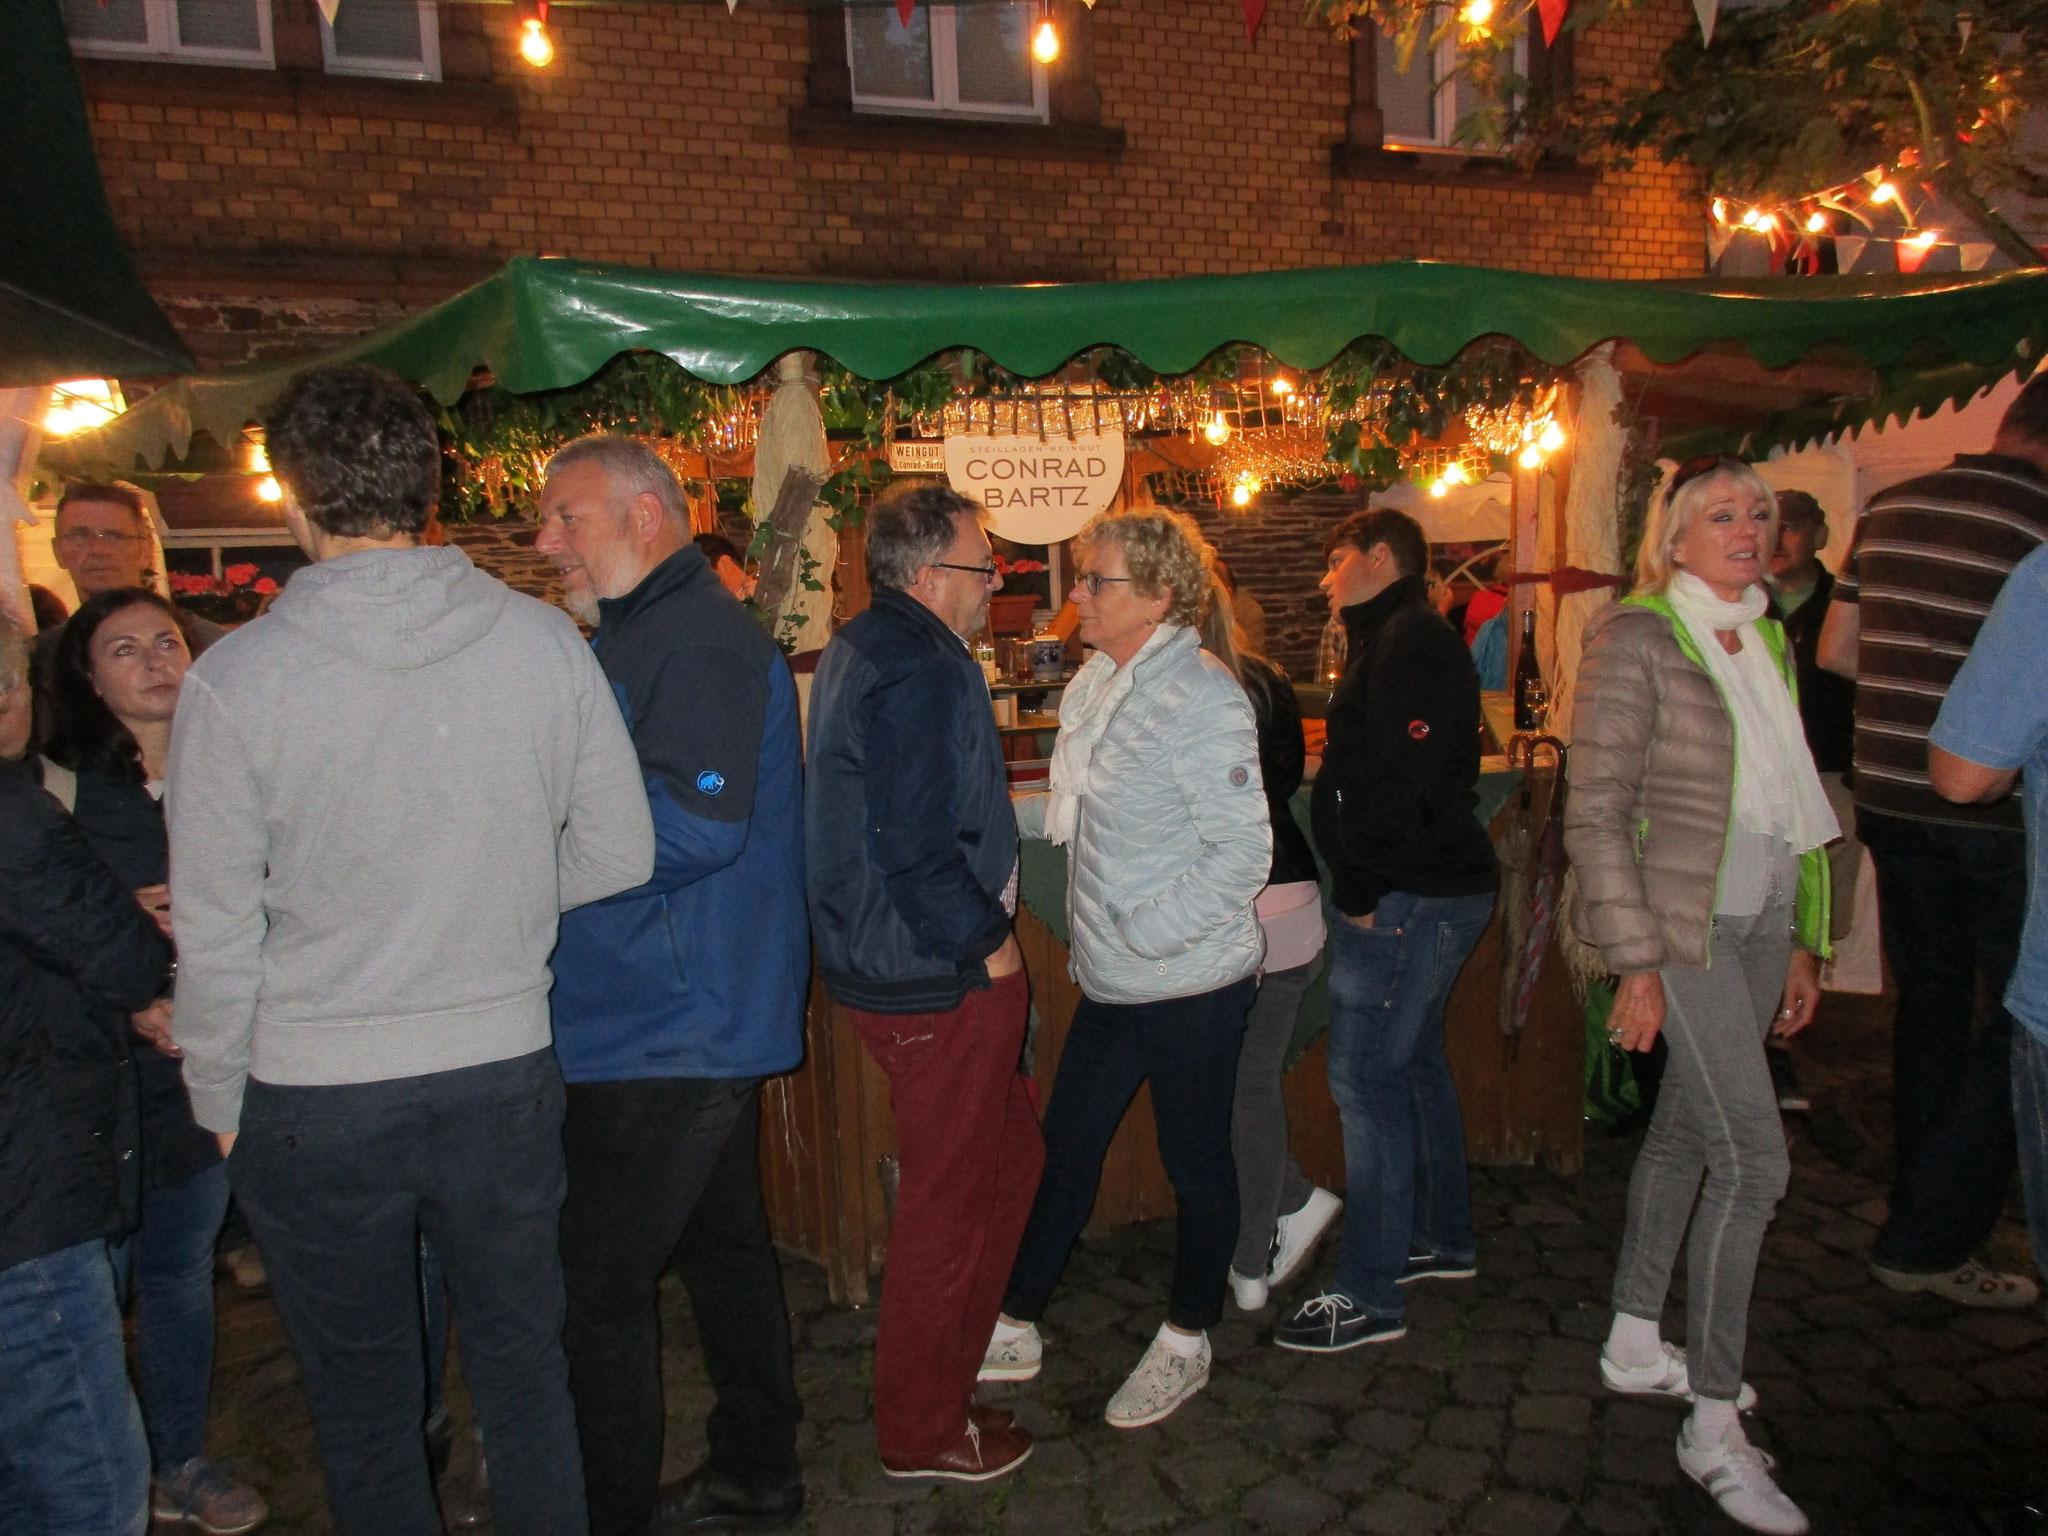 Altstadtfest in Traben-Trarbach 2016